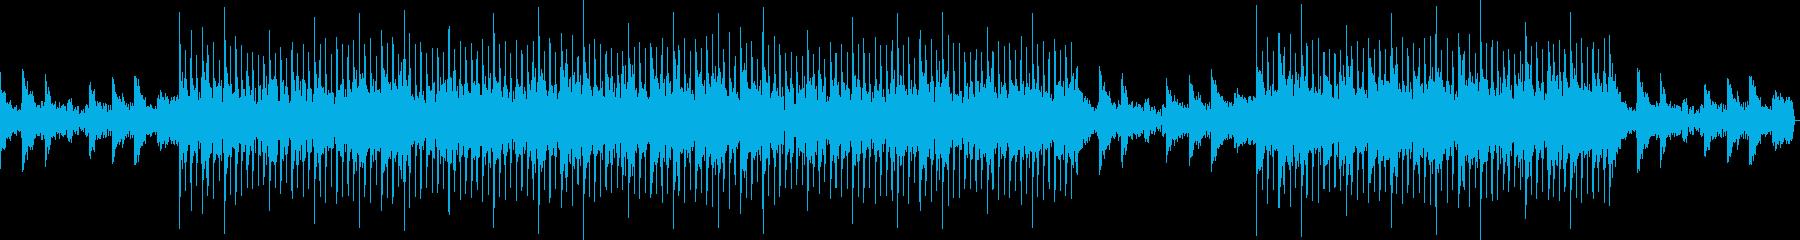 洋楽)夏の終り、エンディング感・バラードの再生済みの波形